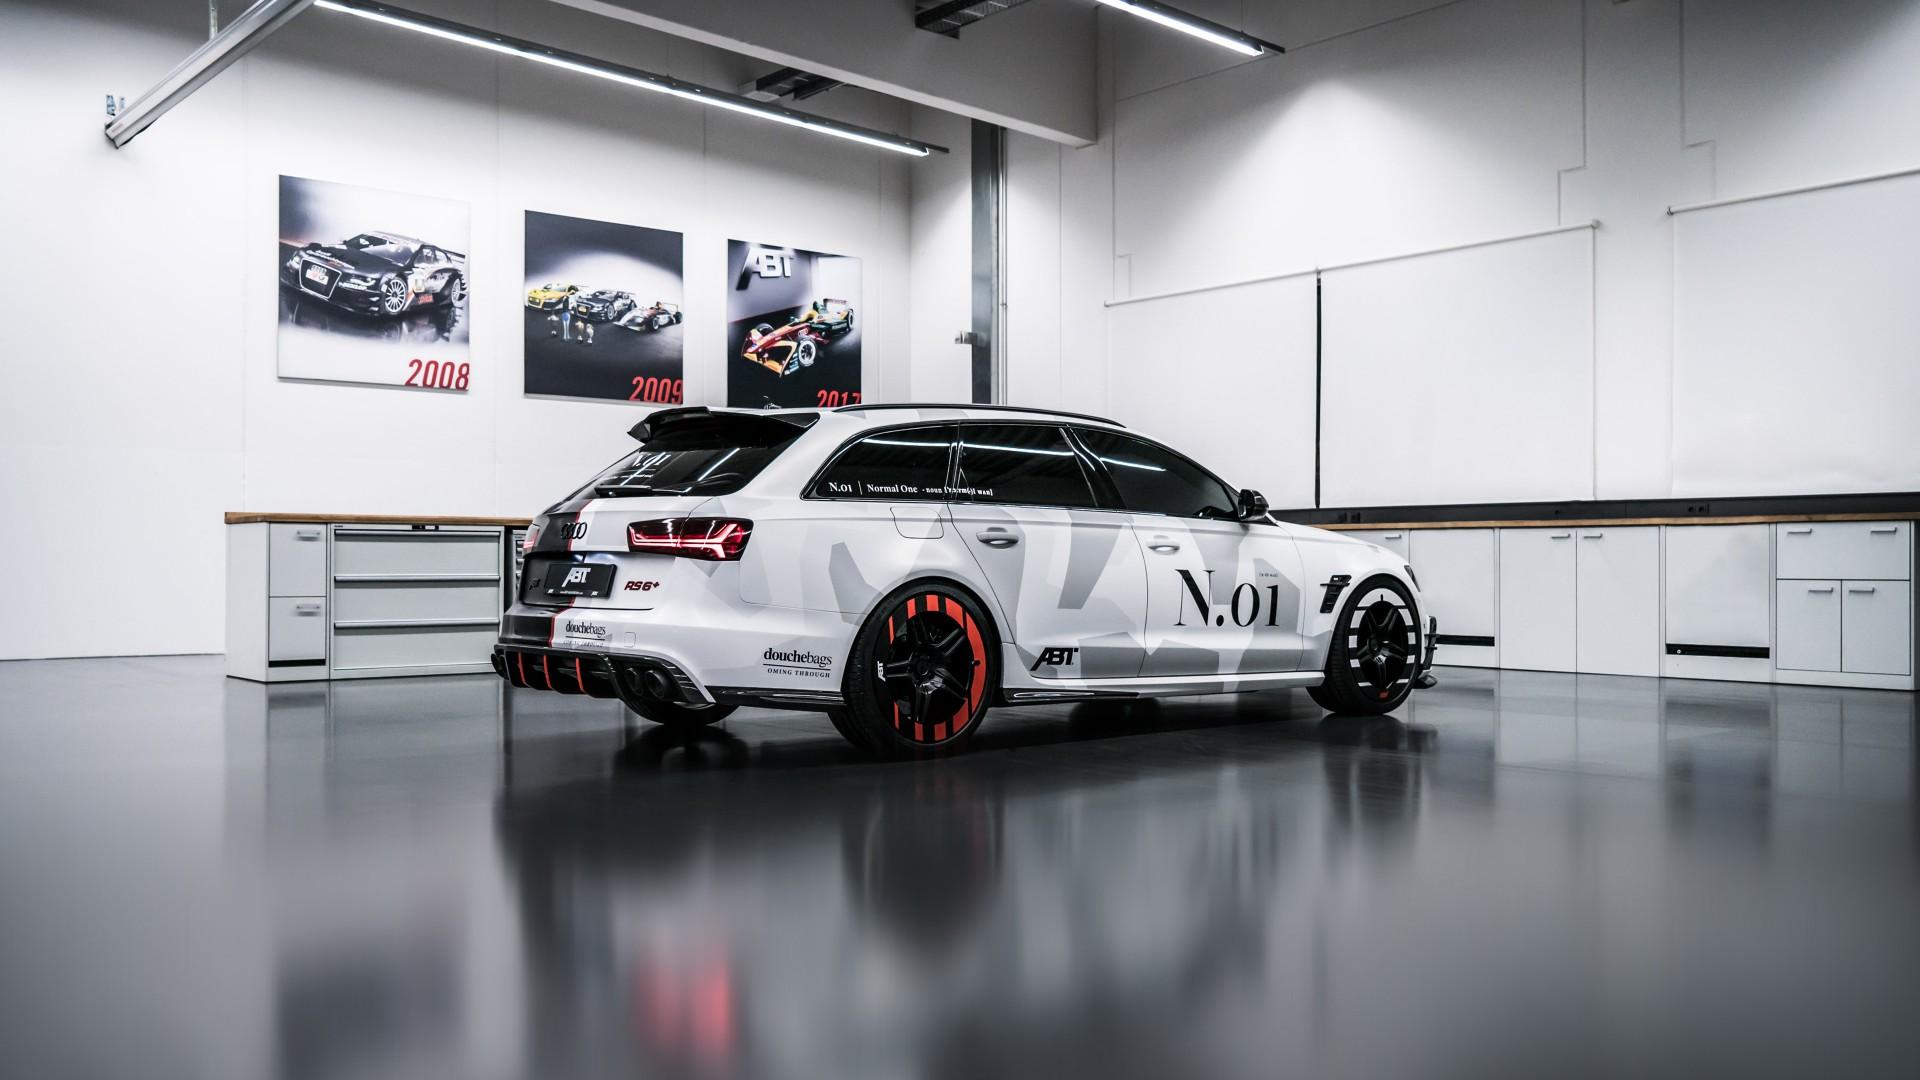 4k Car Wallpaper Koenigsegg Rs 2018 Abt Audi Rs6 Avant For Jon Olsson 4k 2 Wallpaper Hd